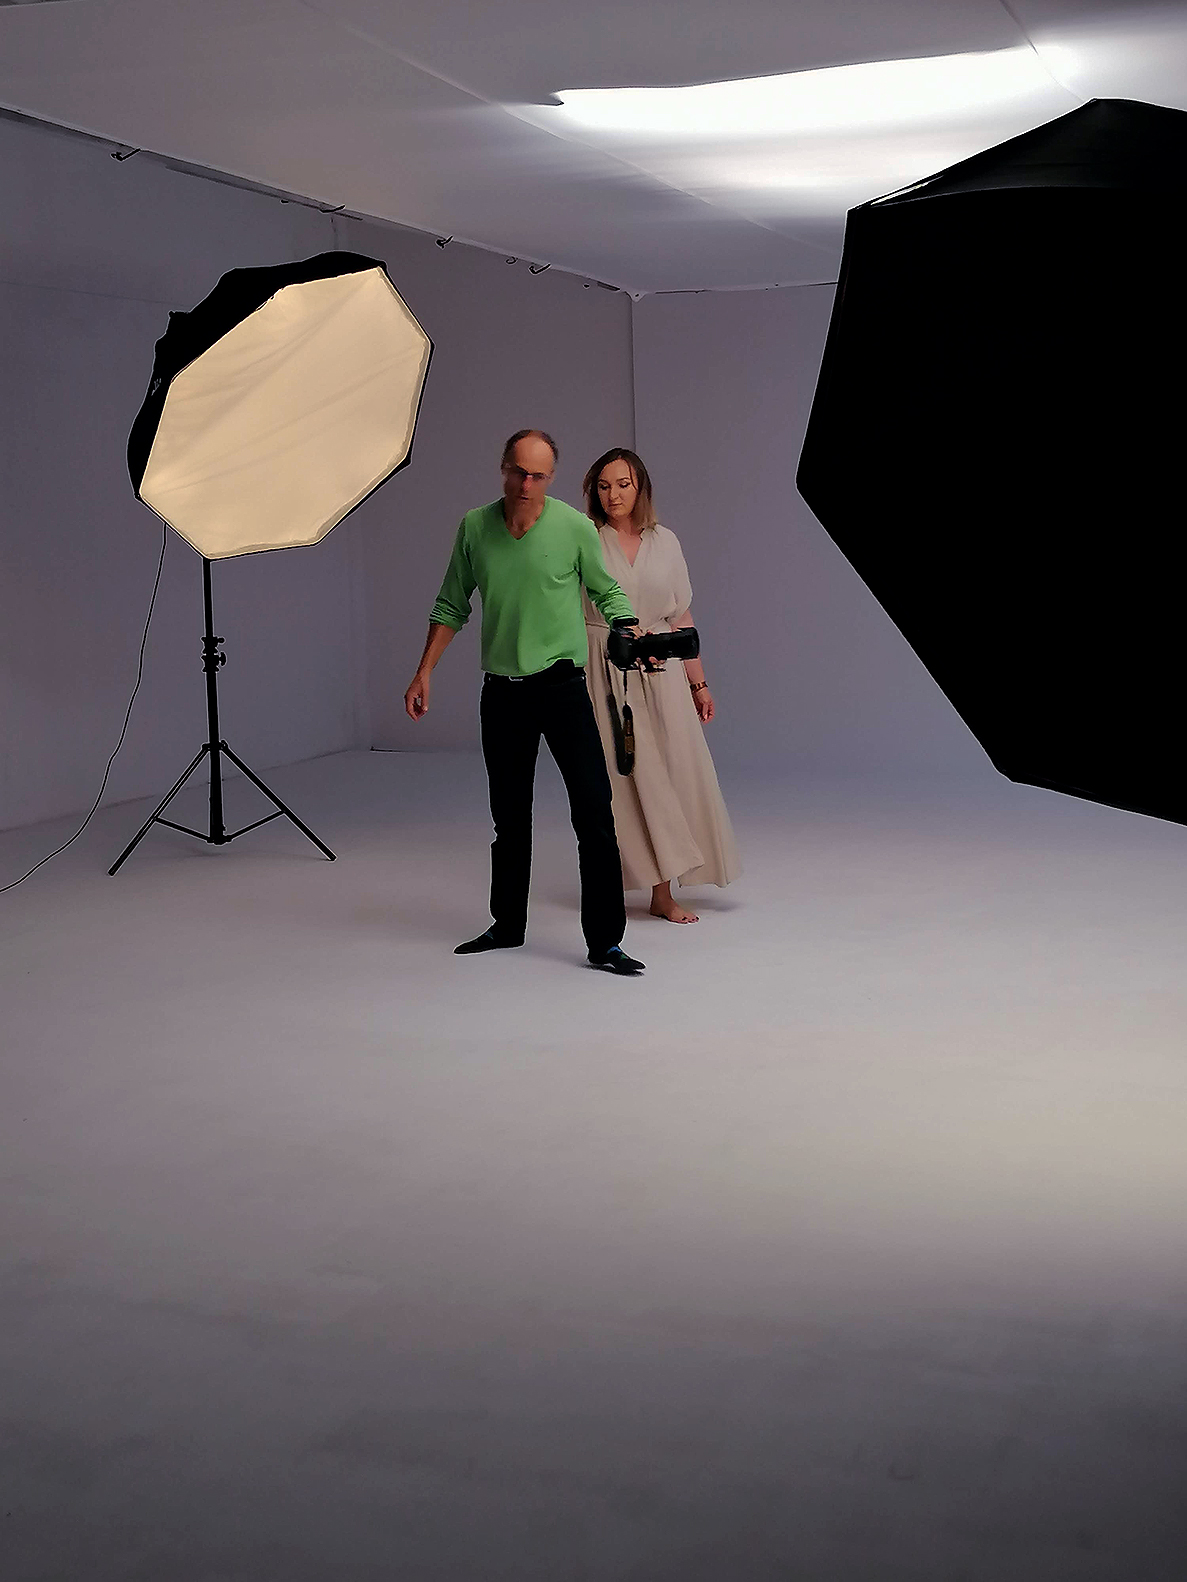 Kobieta imężczyzna naplanie fotograficznym pośród lamp. Mężczyzna trzyma aparat ipokazuje kobiecie ruch. Ona ubrana wdługą, jasną sukienkę, przygląda mu się.